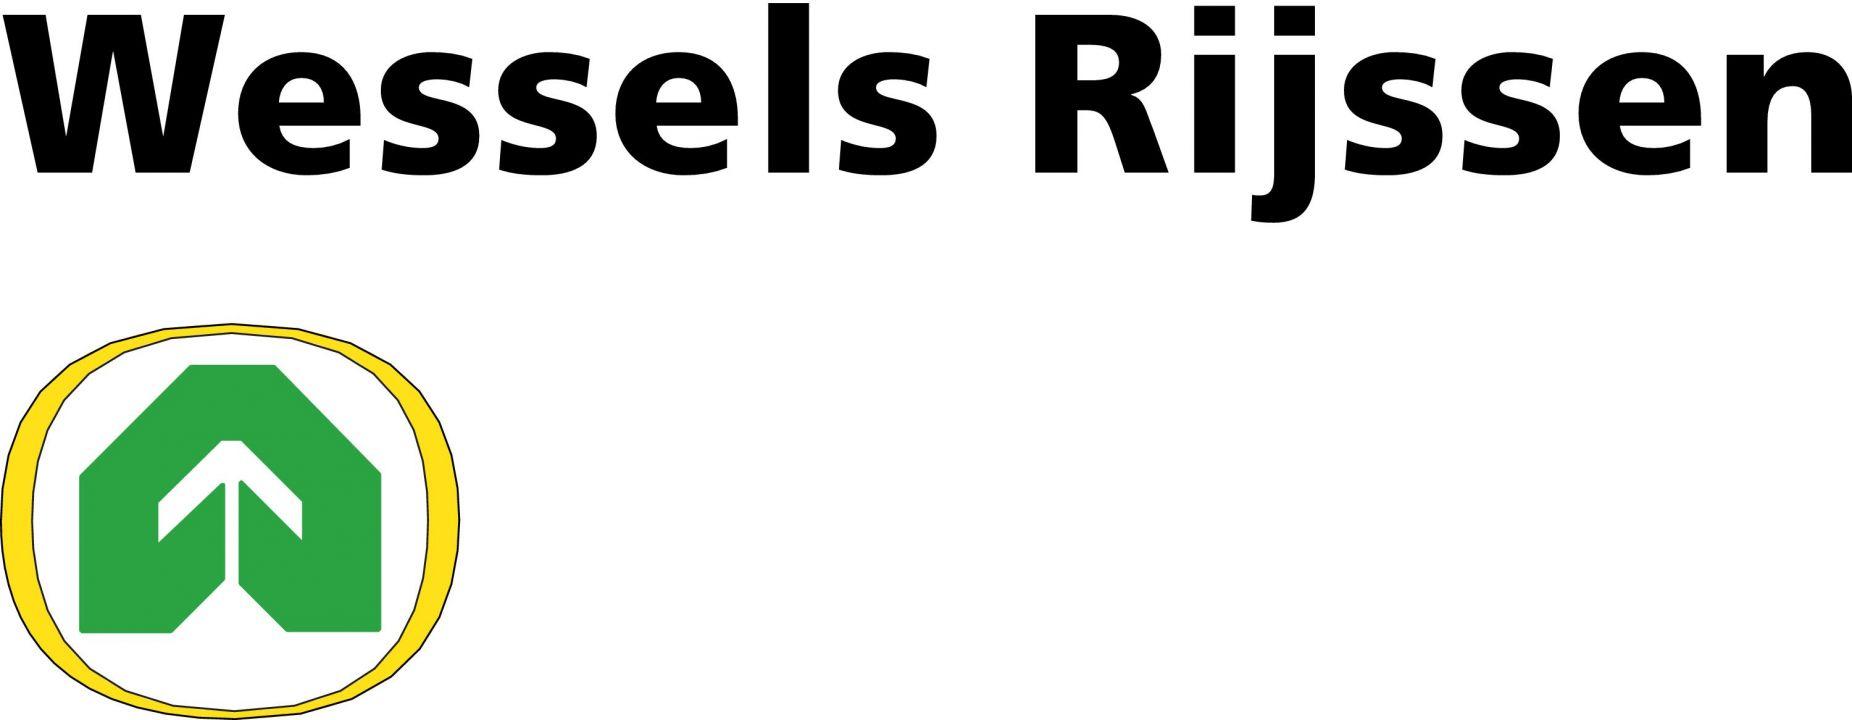 Bouwbedrijf Wessels Rijssen bv